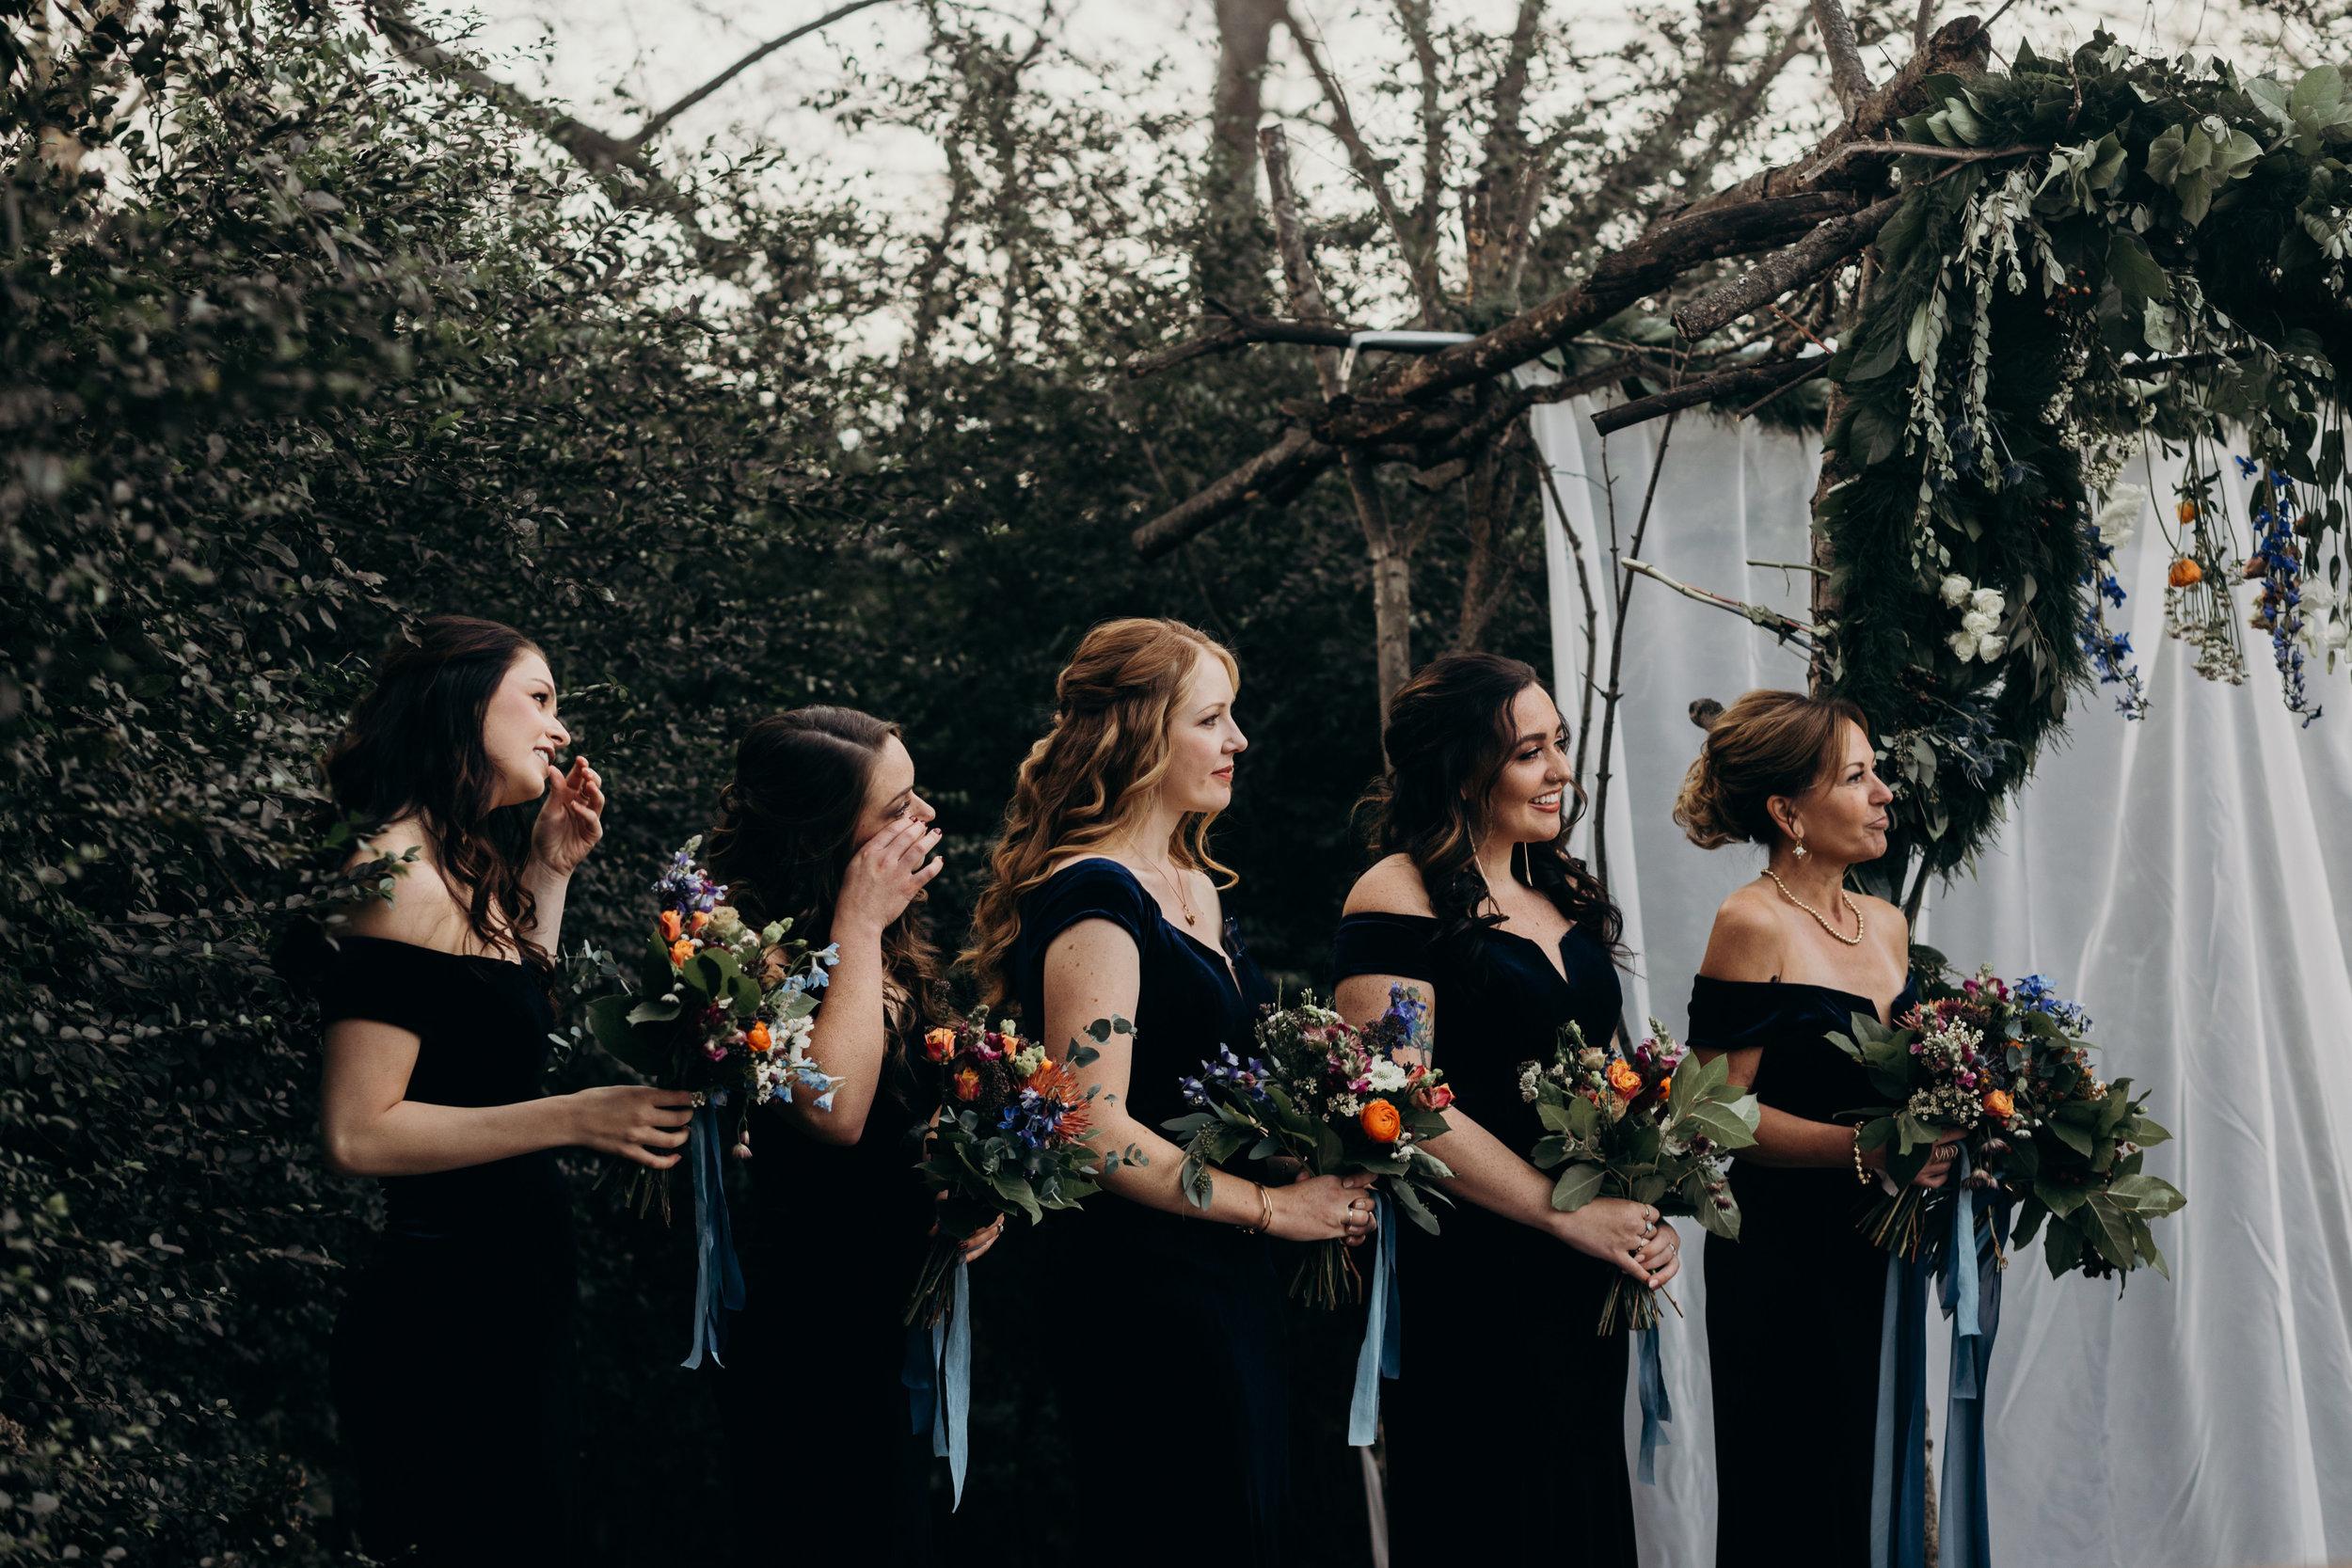 526-ltw-morgan-adam-wedding.jpg